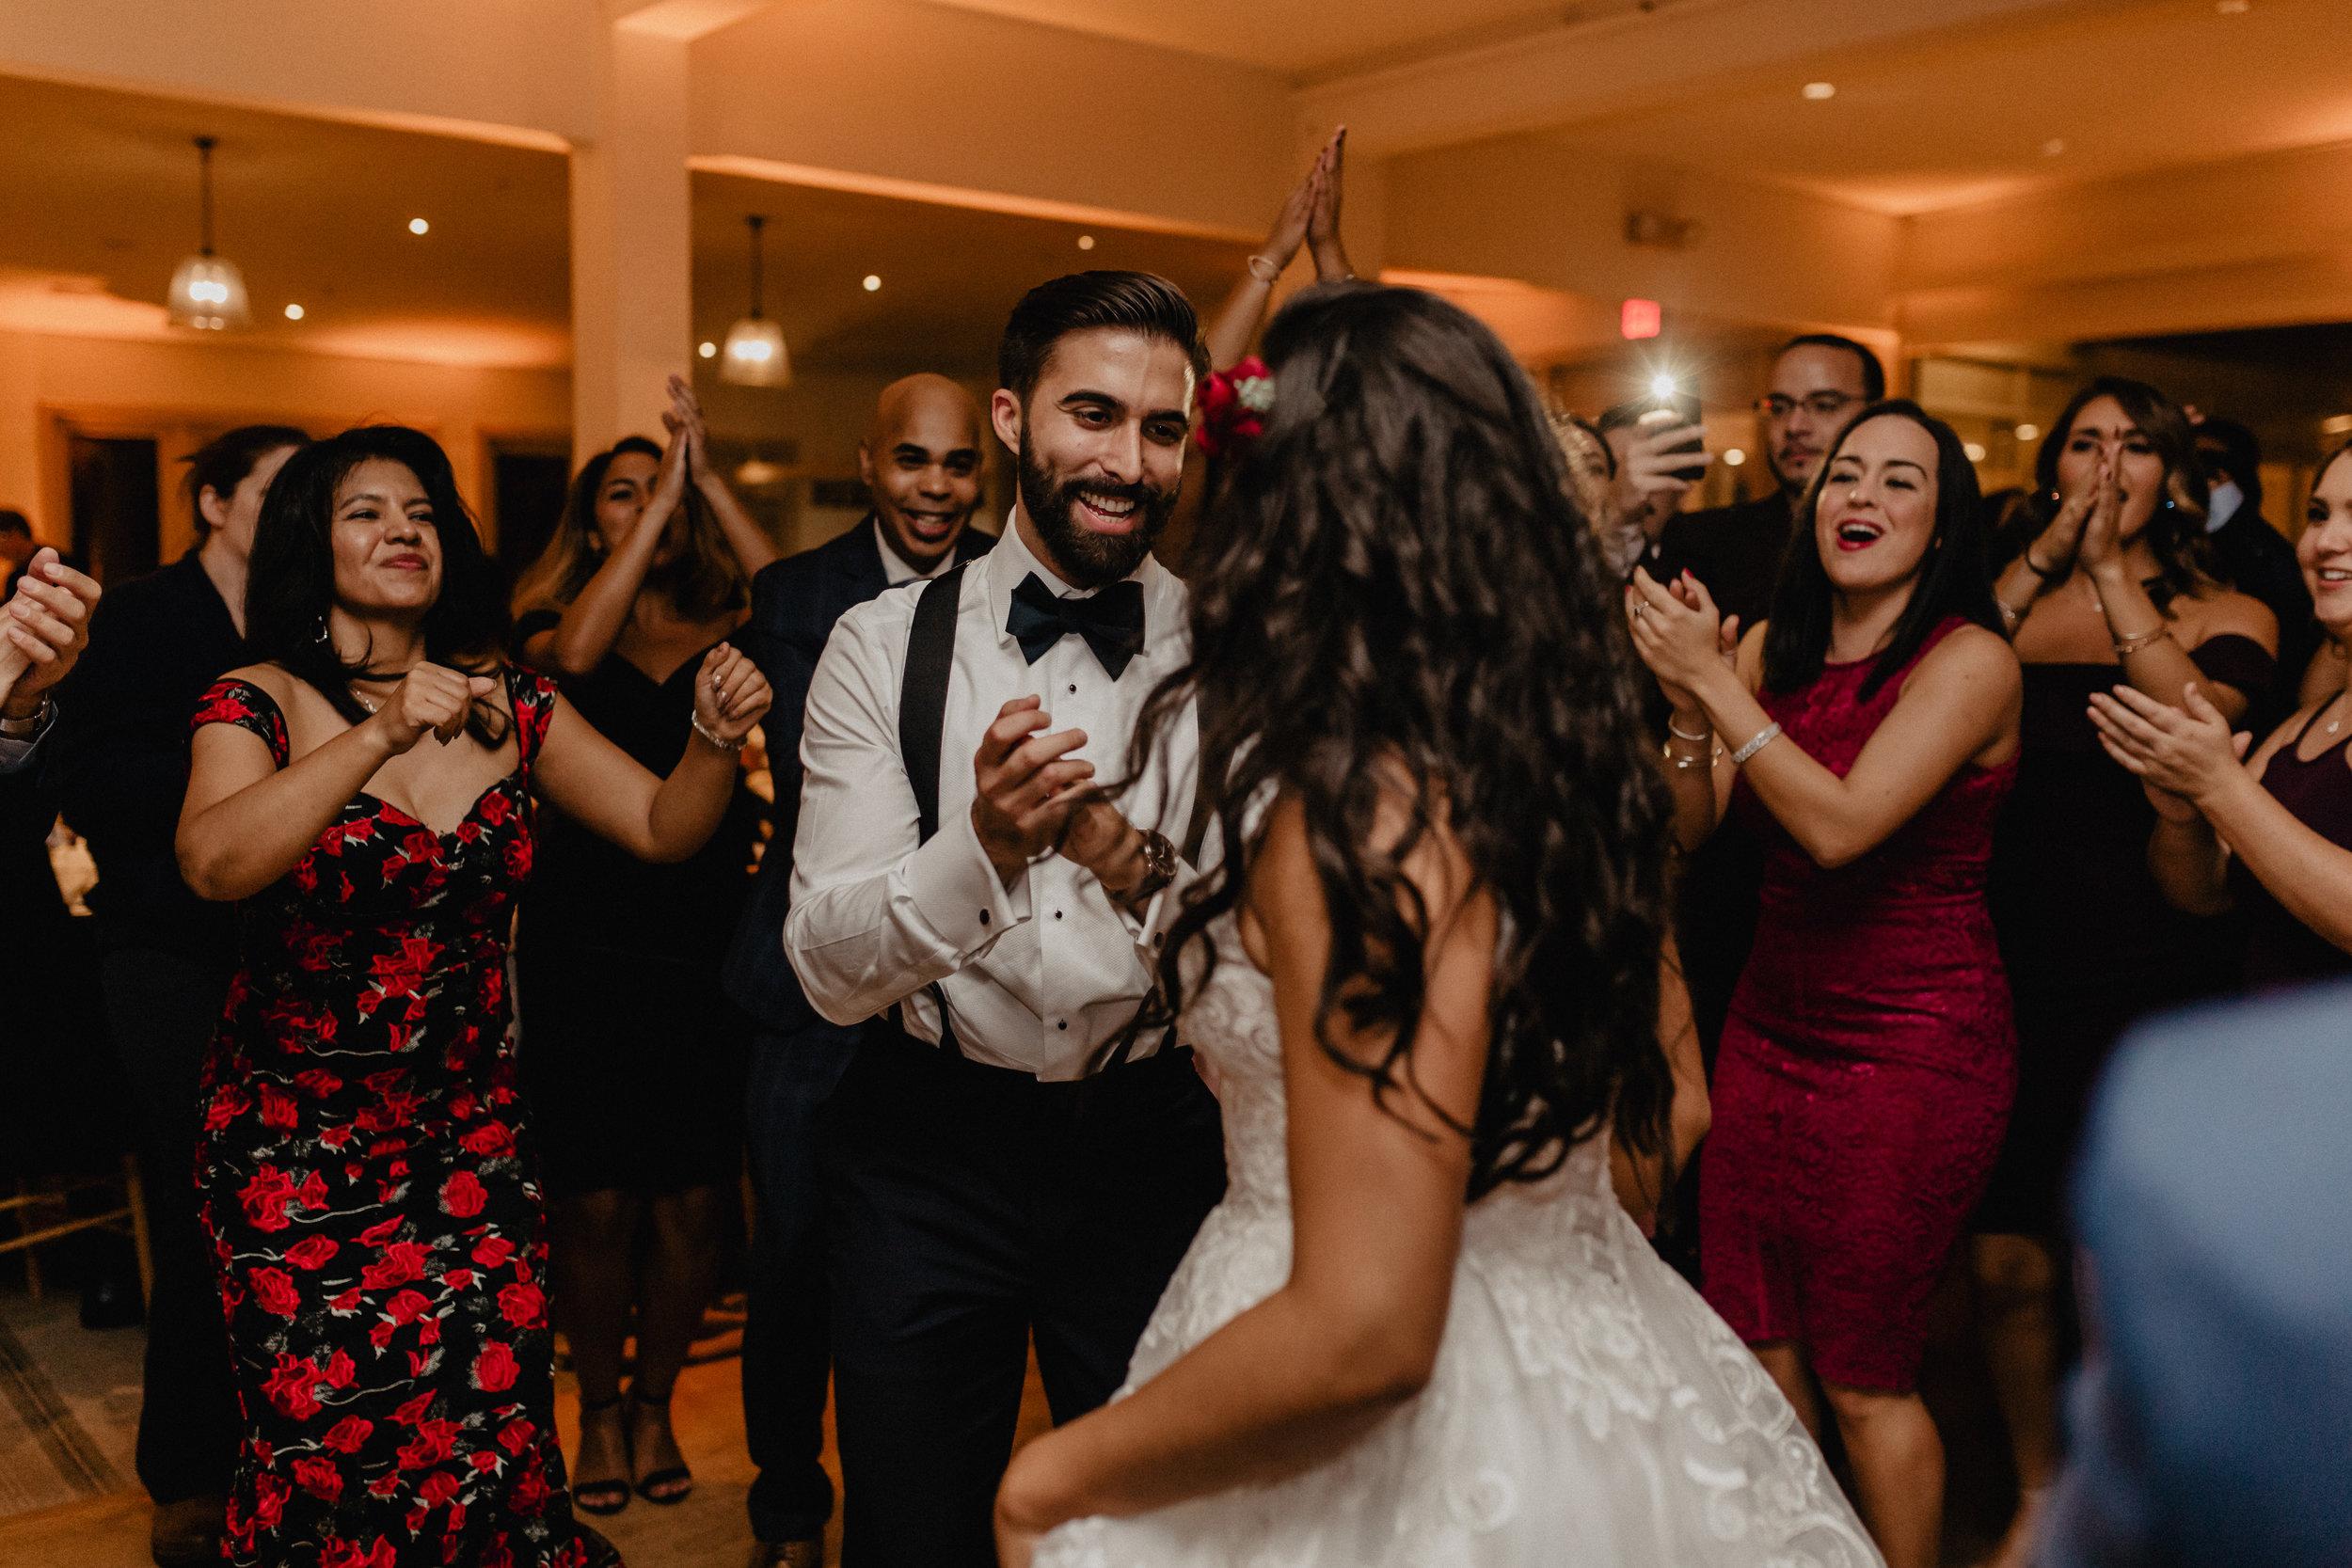 garrison_wedding_photos_098.jpg